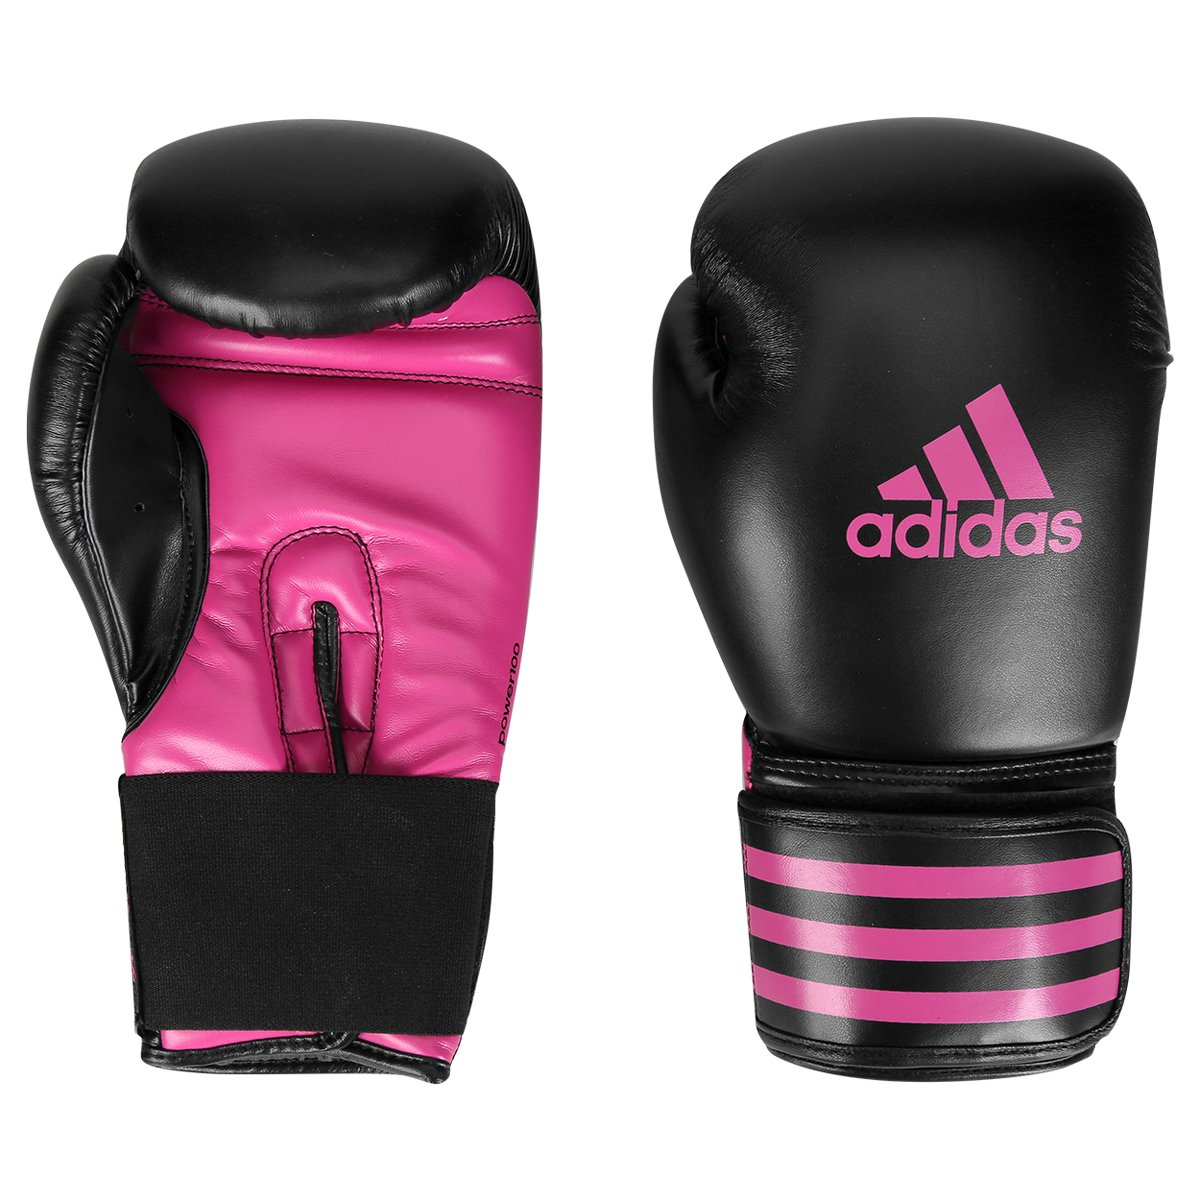 ba1085b869 Luva Adidas Power 100 12oz - Compre Agora